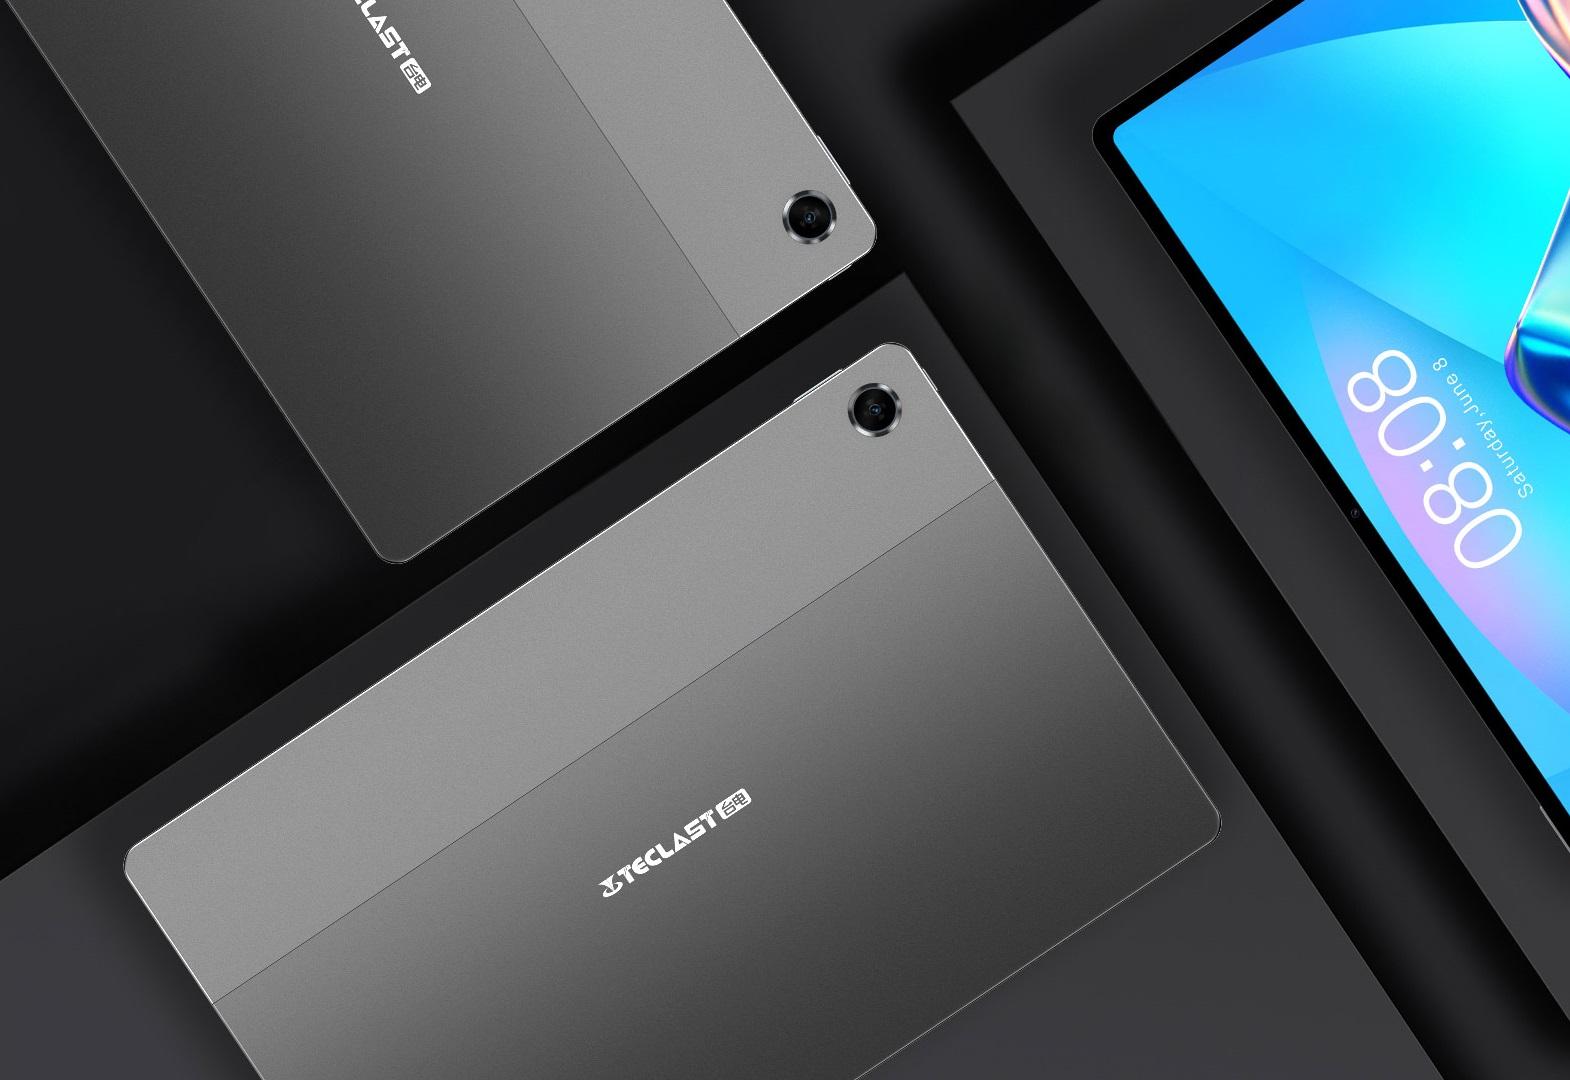 Teclast T40 Plus tablet